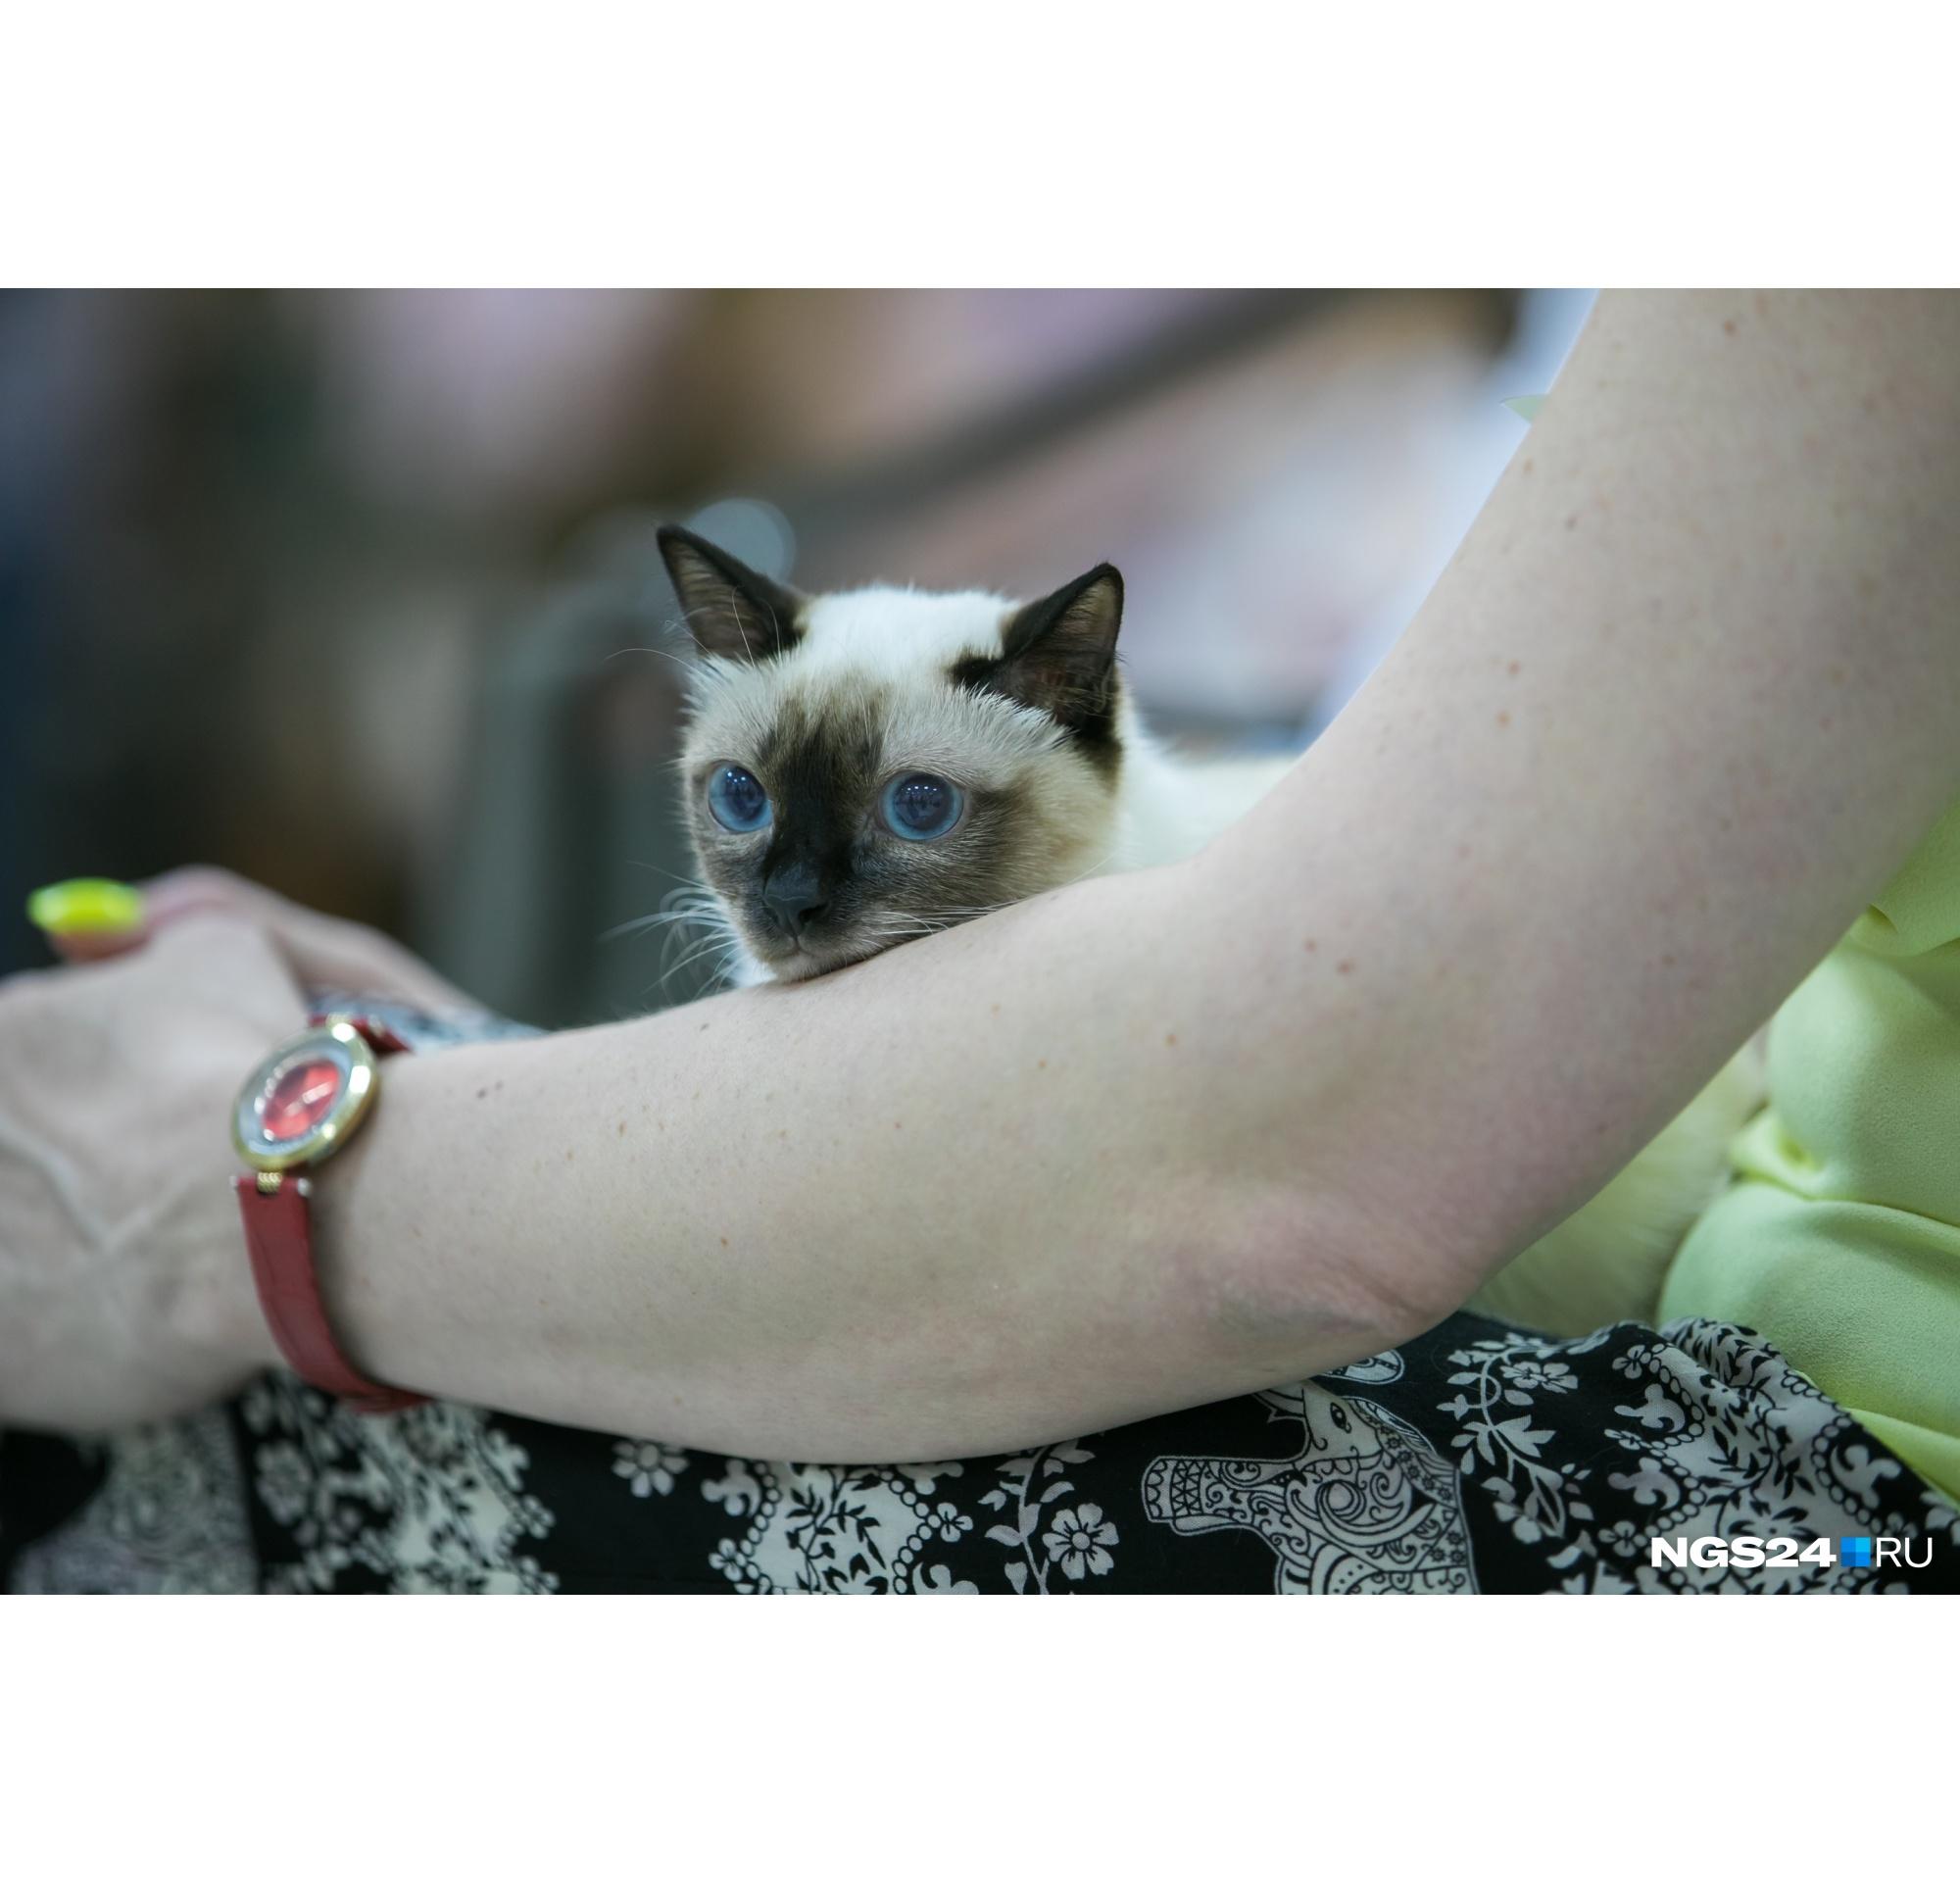 Если мечтаете, чтобы кошка всегда оставалась котенком, — заводите той-боба